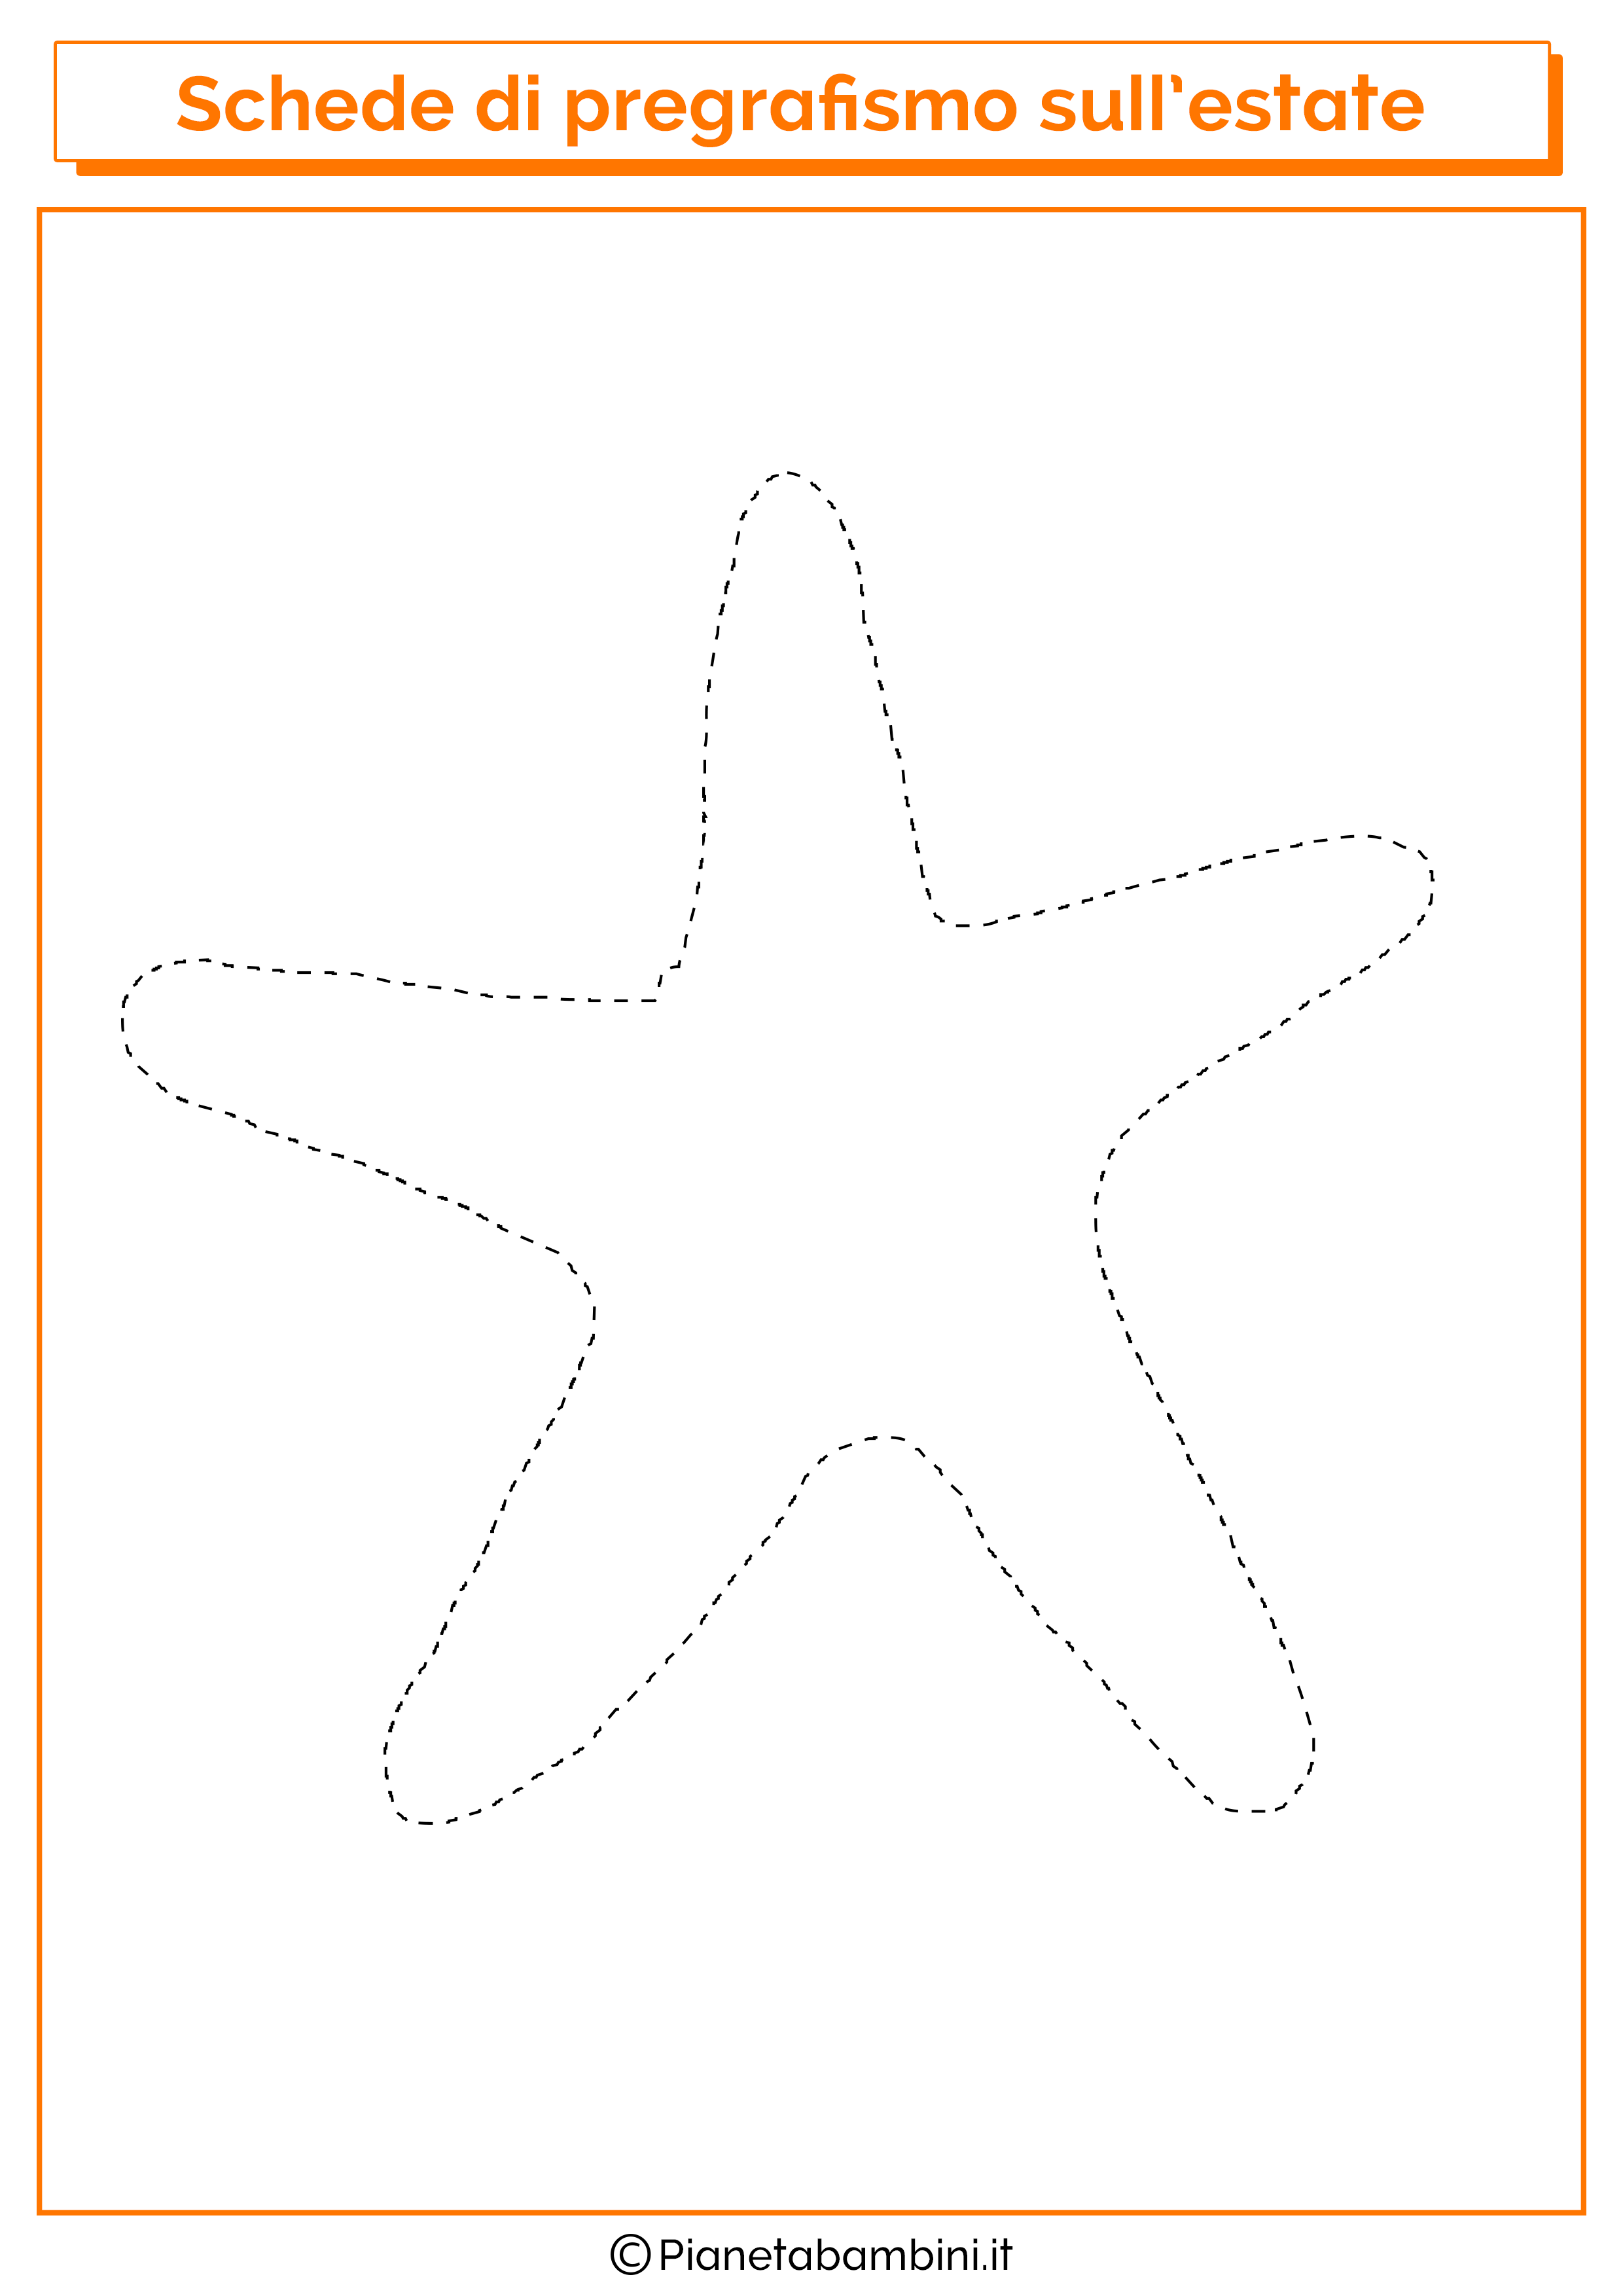 Scheda di pregrafismo sulla stella marina